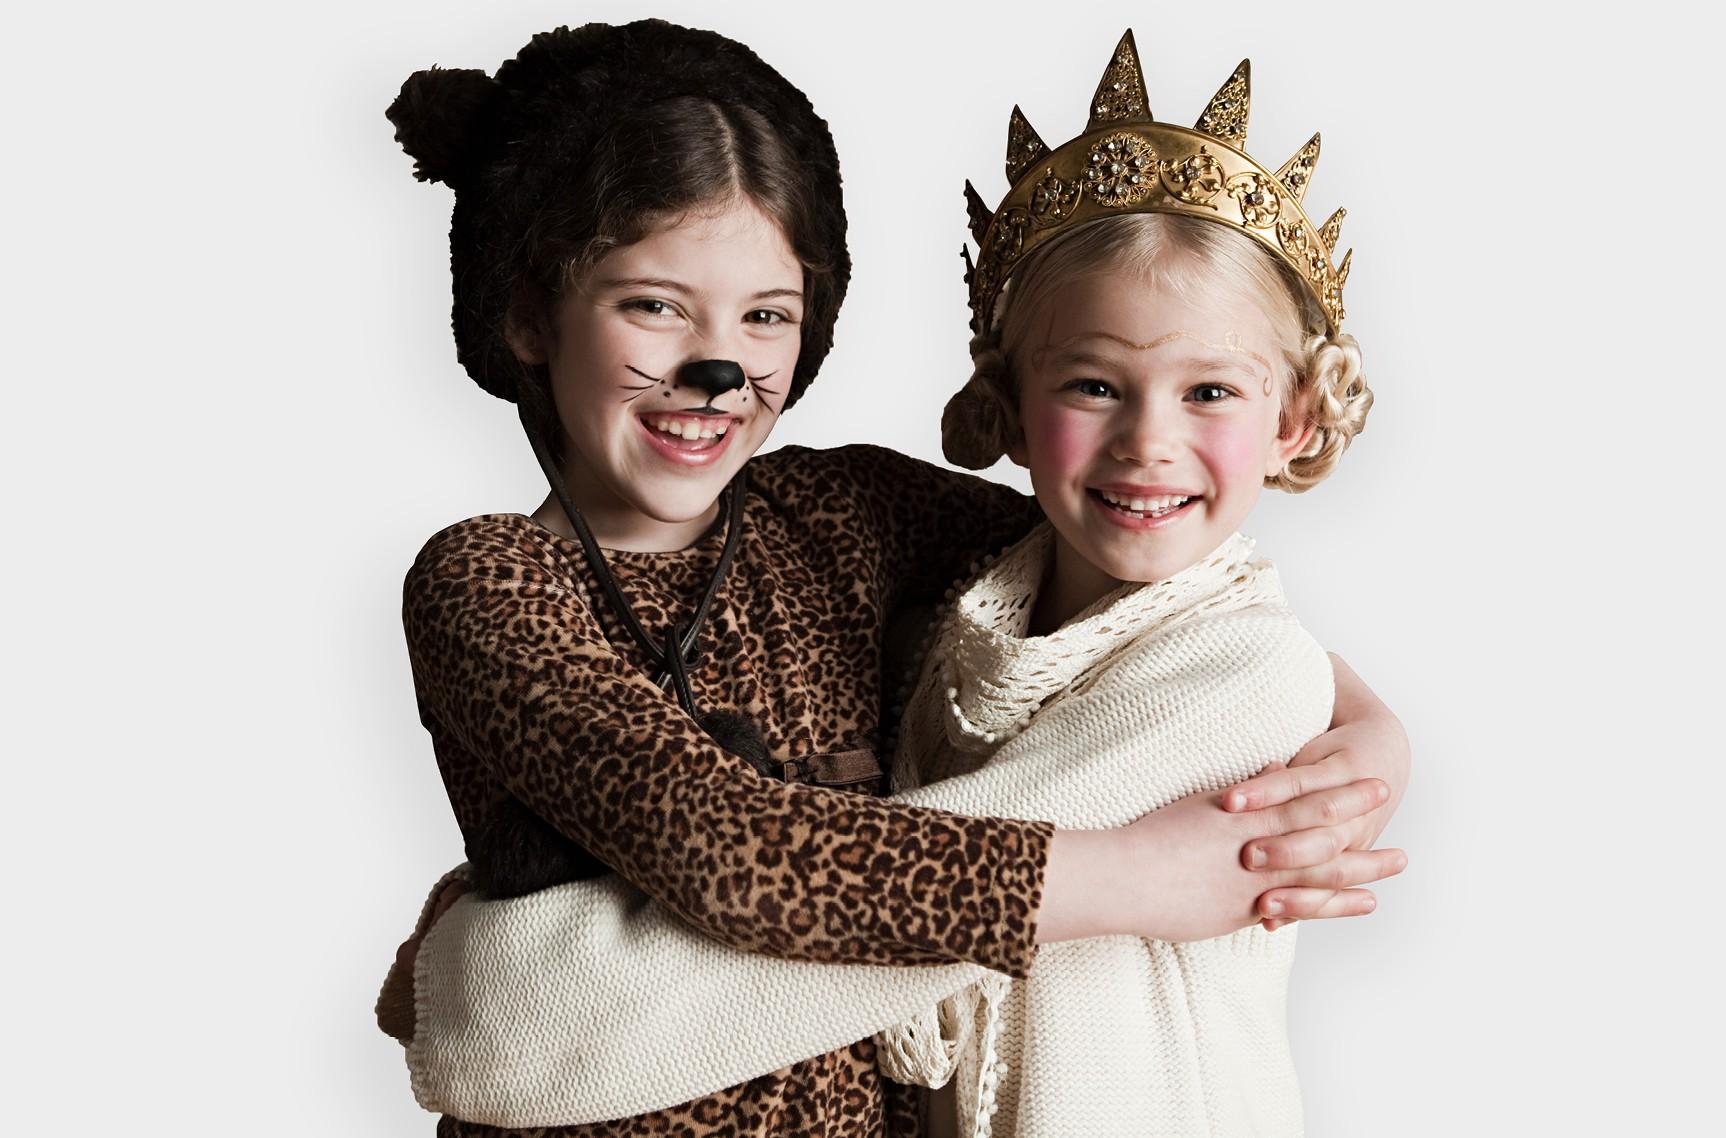 Carnevale fai da te: 4 trend da sfruttare per costumi facilissimi e low budget!